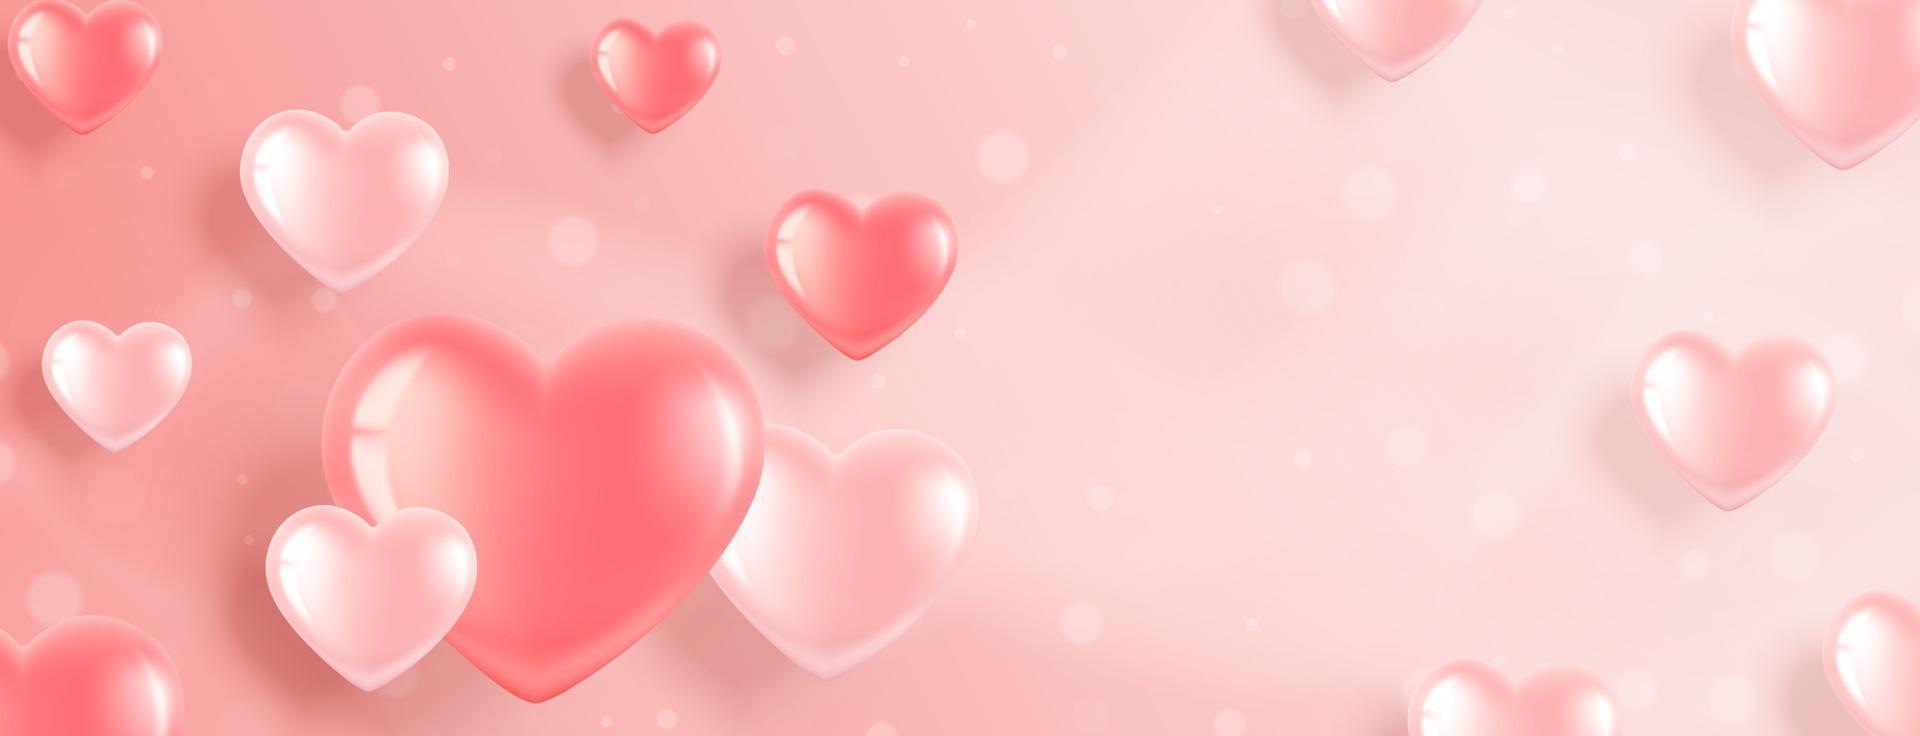 banner di San Valentino con cuori rosa vettore